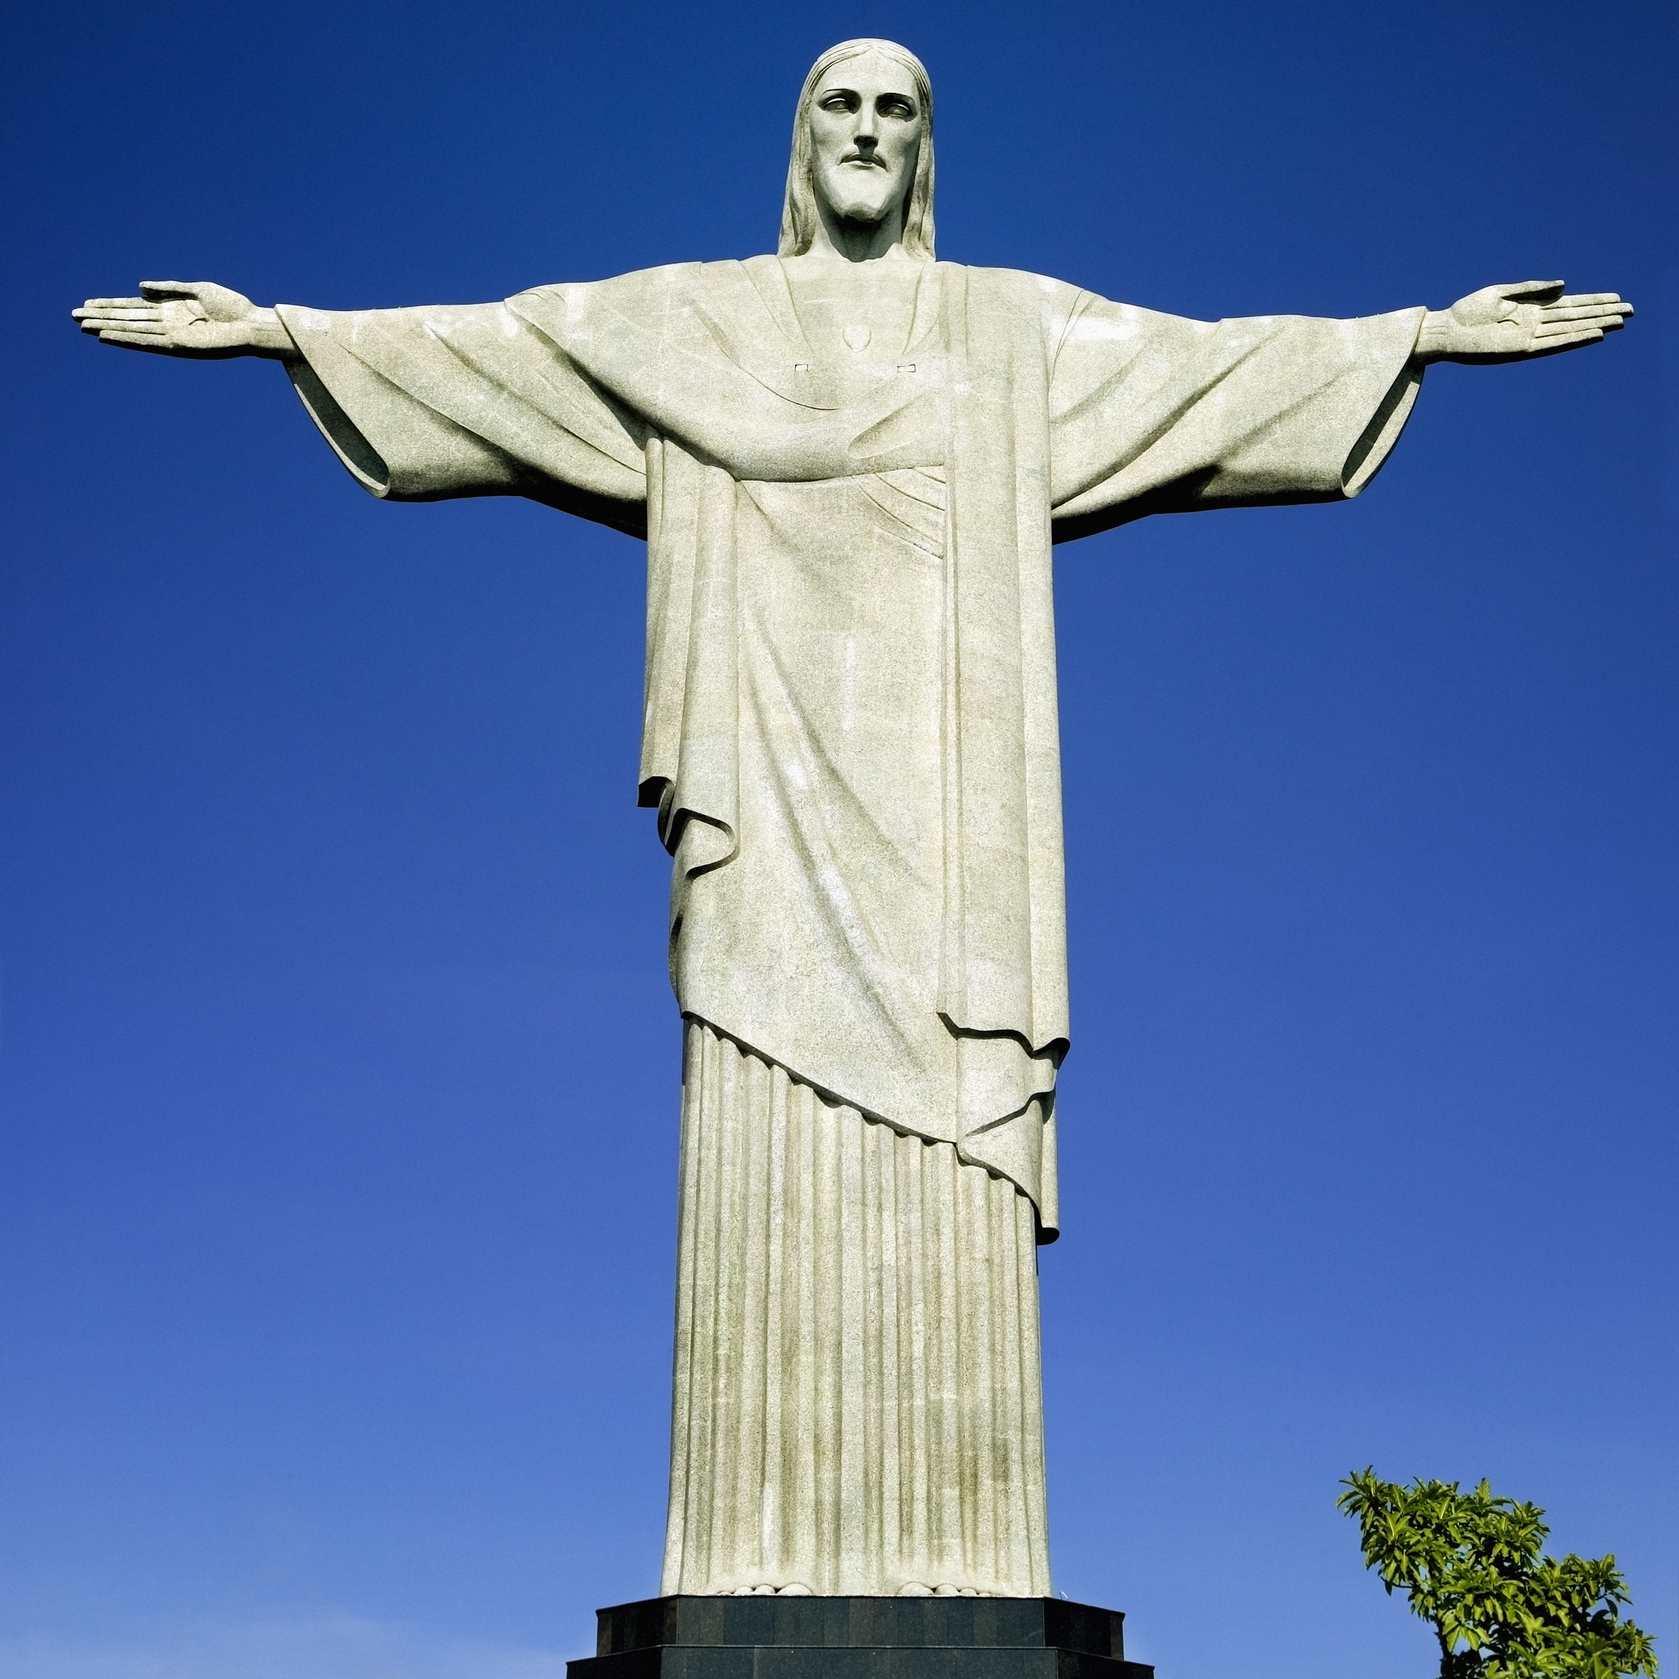 Brazil, Rio de Janeiro, Corcovado mountain, Christ the Redeemer